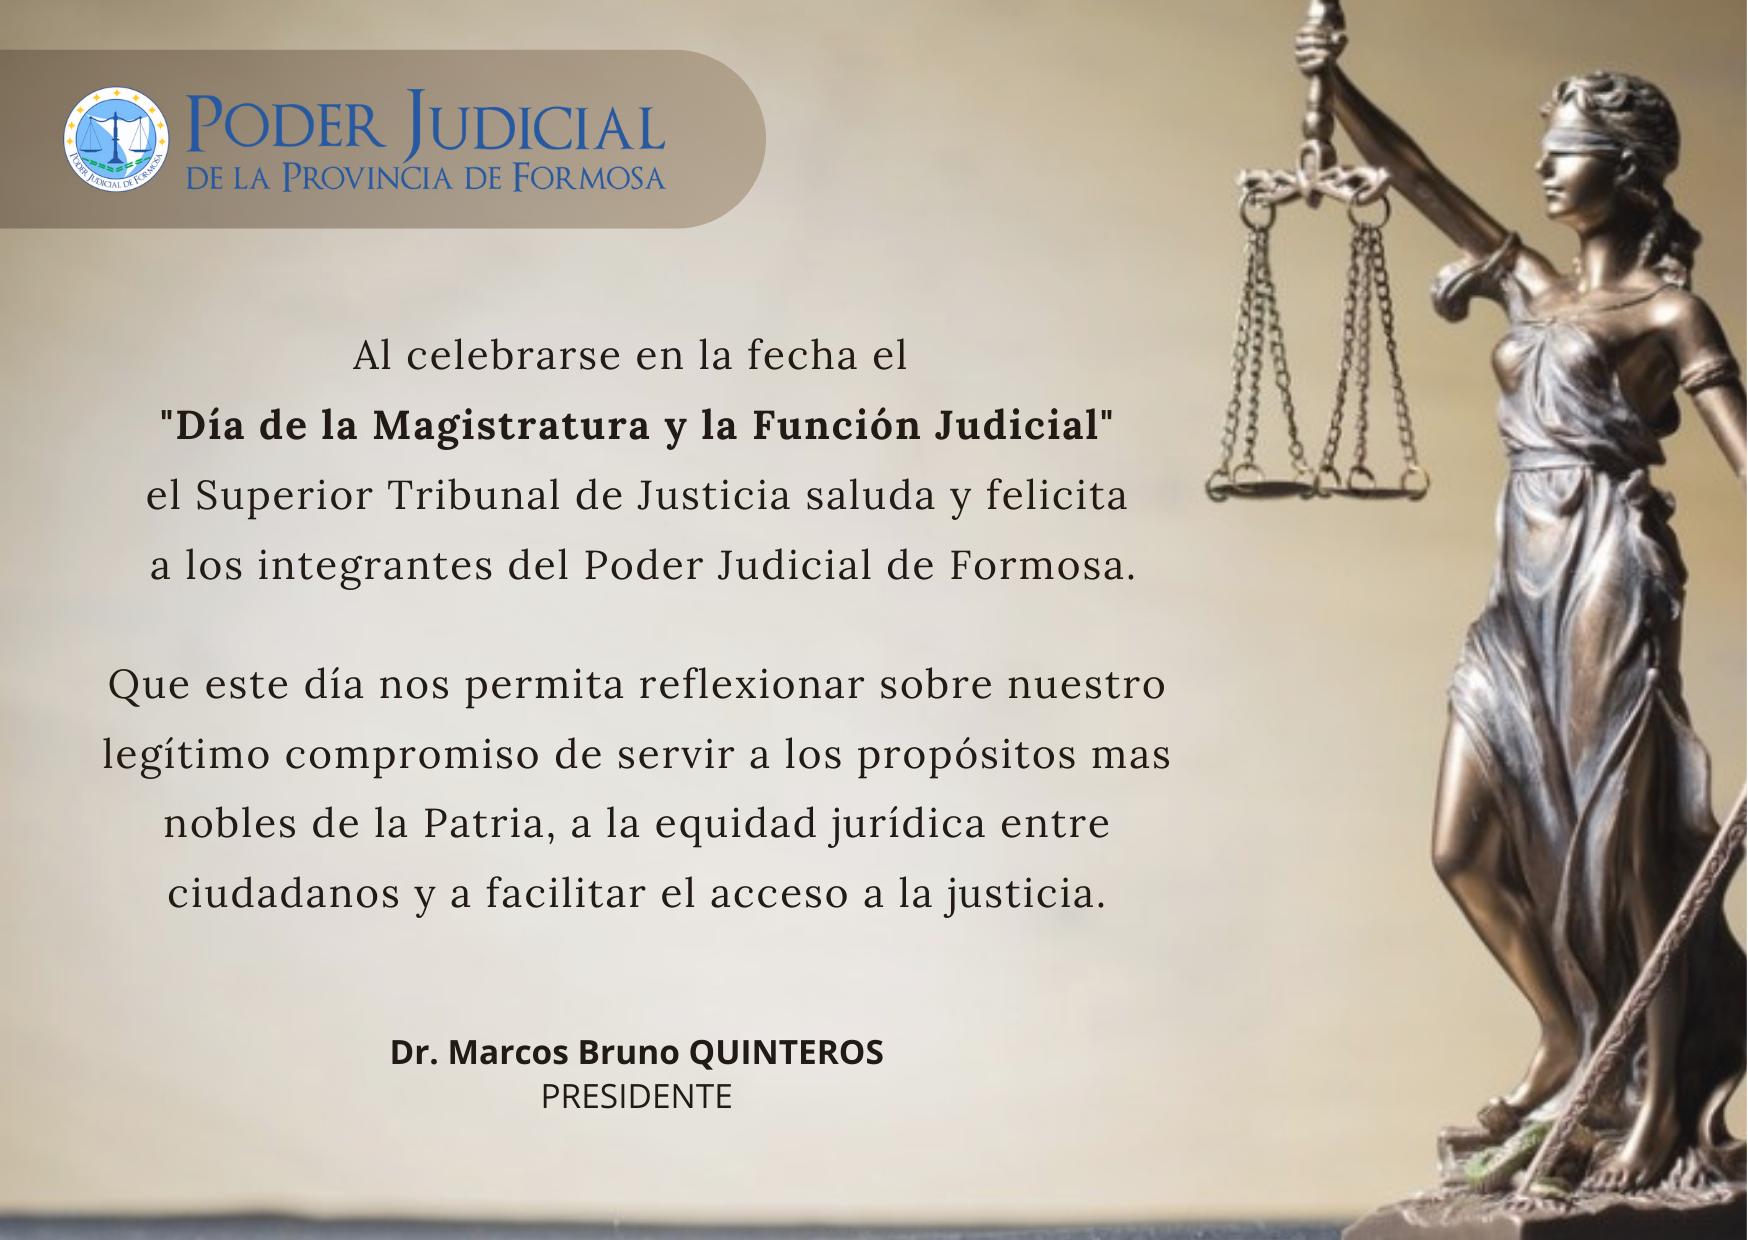 Salutación Día de la Magistratura y la Función Judicial